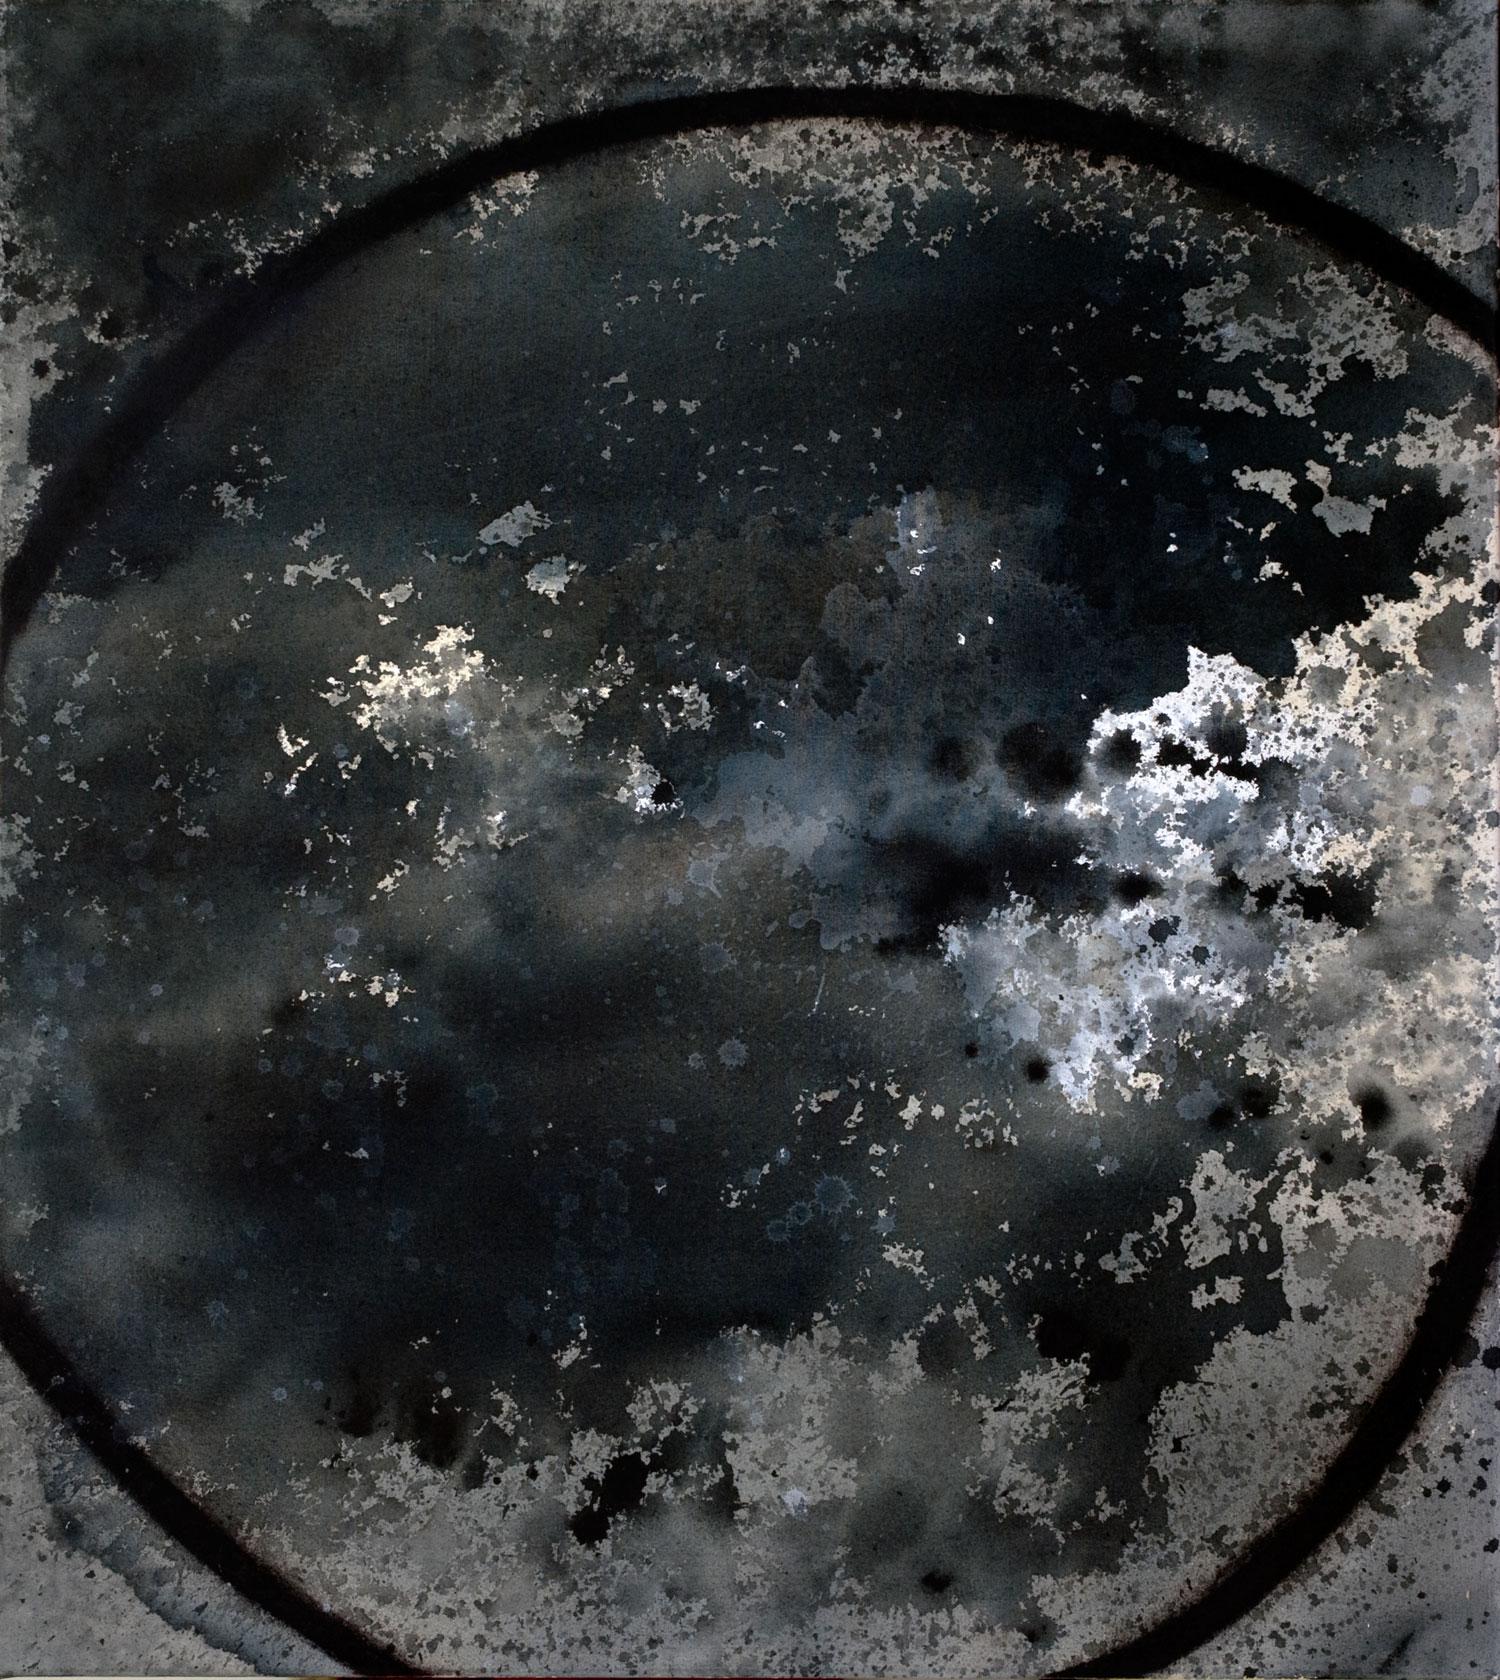 DE-710_mousse acrylique sur toile 101 x 91 cm